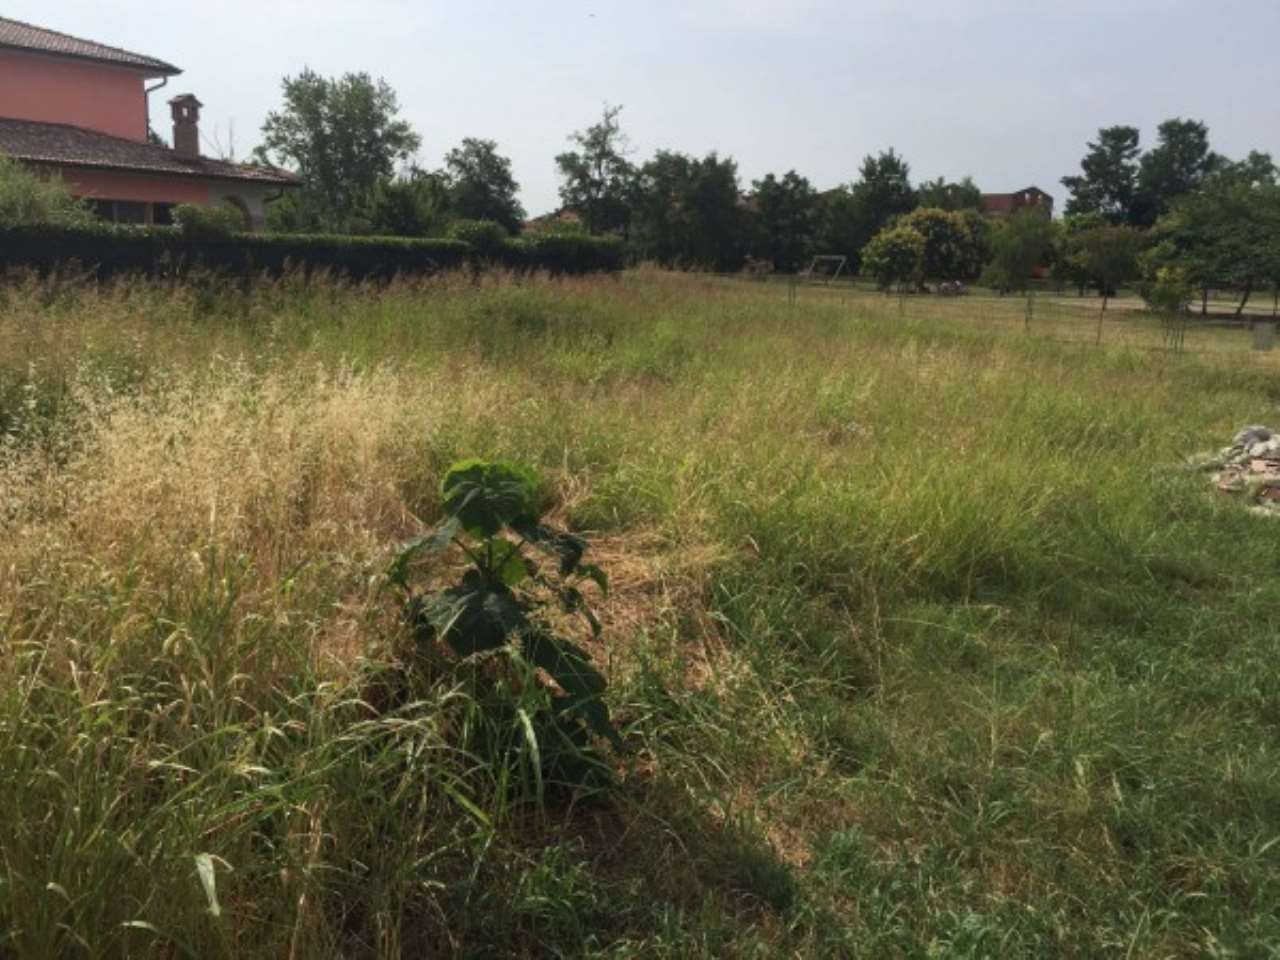 Terreno Edificabile Residenziale in vendita a Piacenza, 9999 locali, prezzo € 210.000 | CambioCasa.it